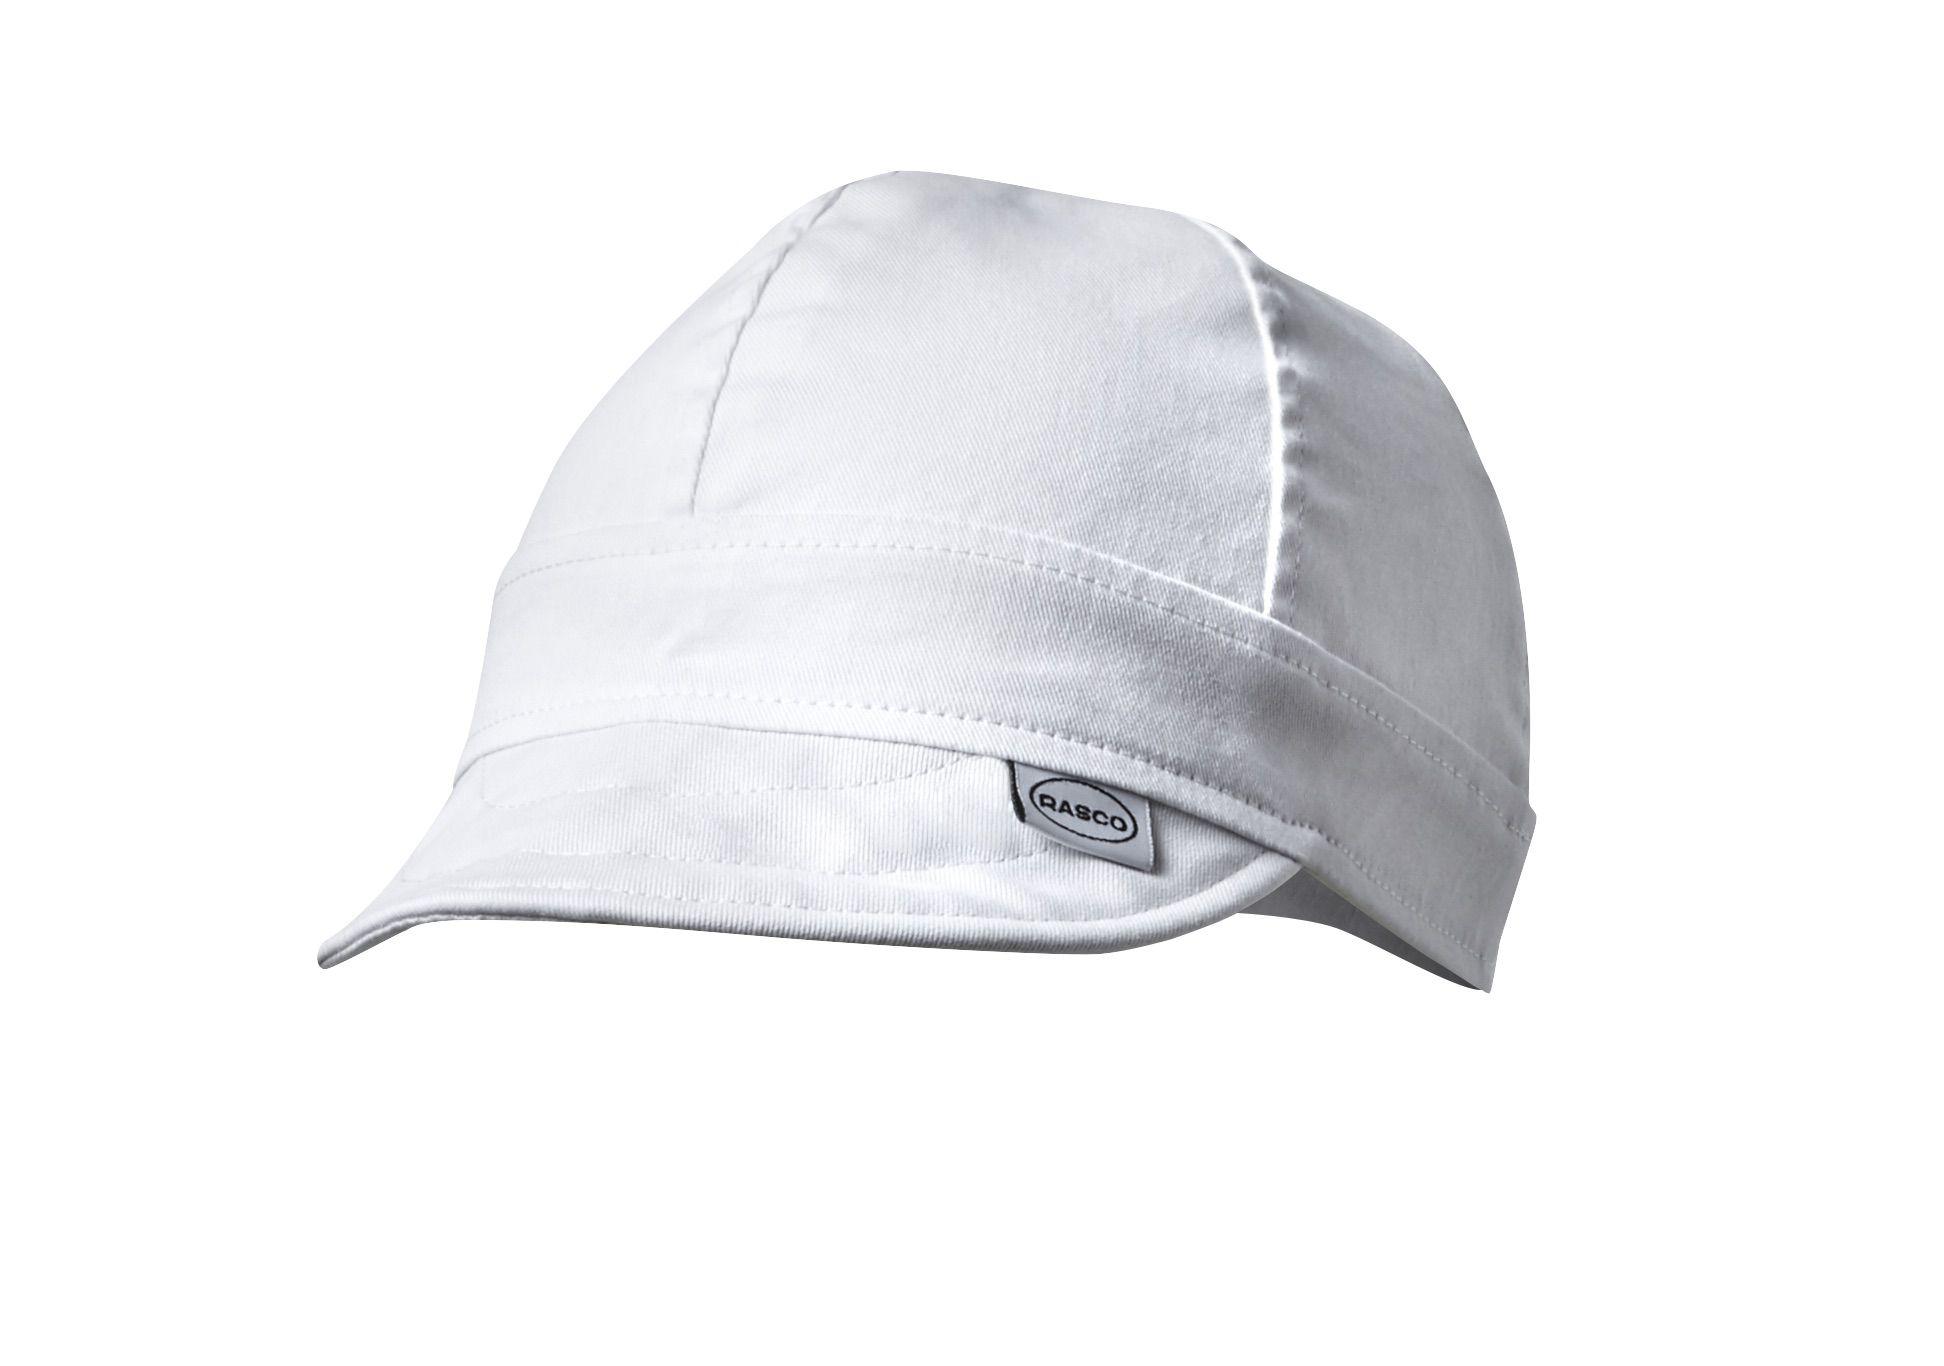 Wwc1015 Non Fr Welding Cap